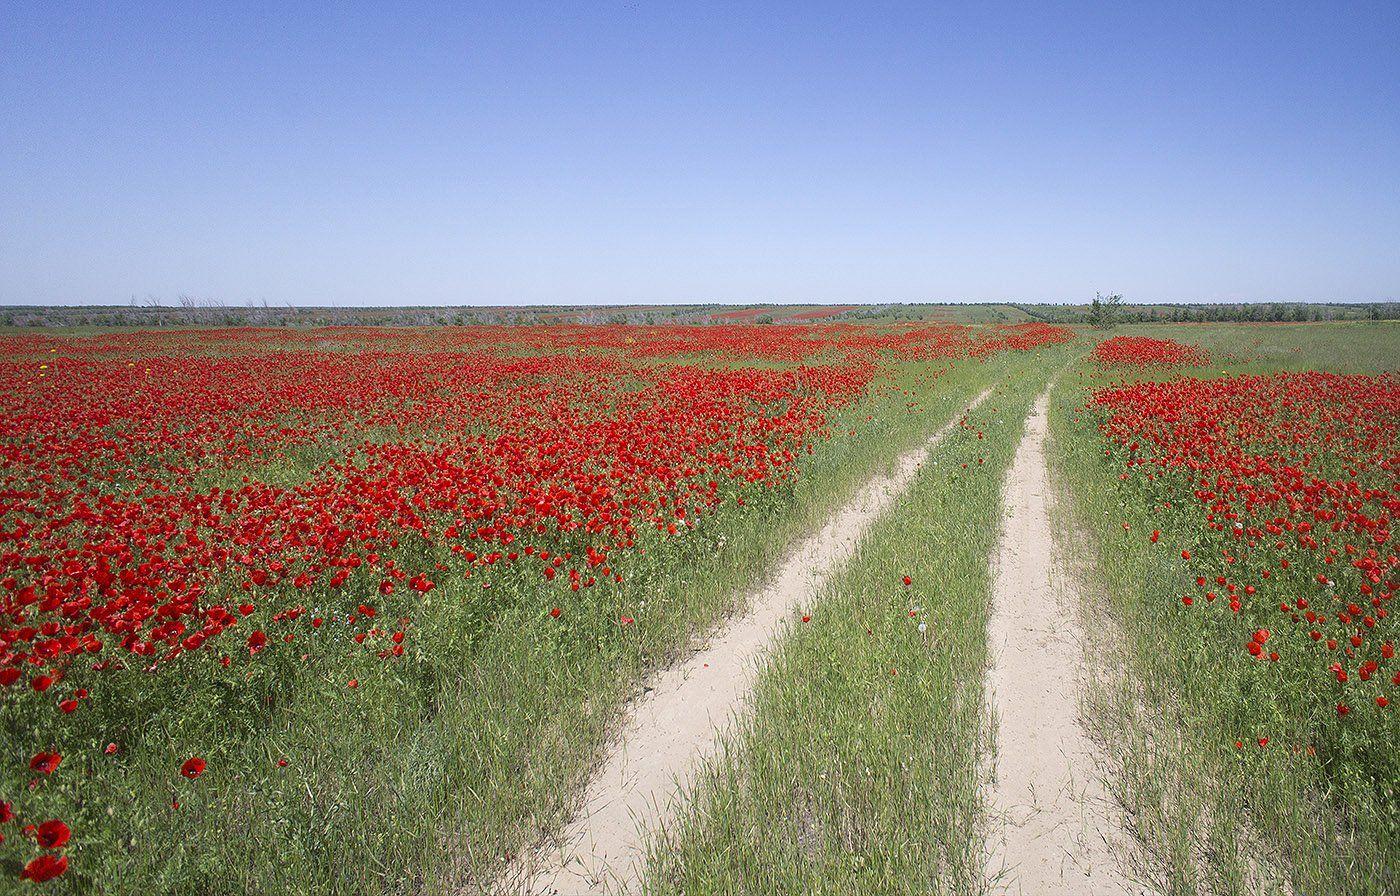 казахстан, весна, степь, маки, полевая дорога, поле, Борис Резванцев